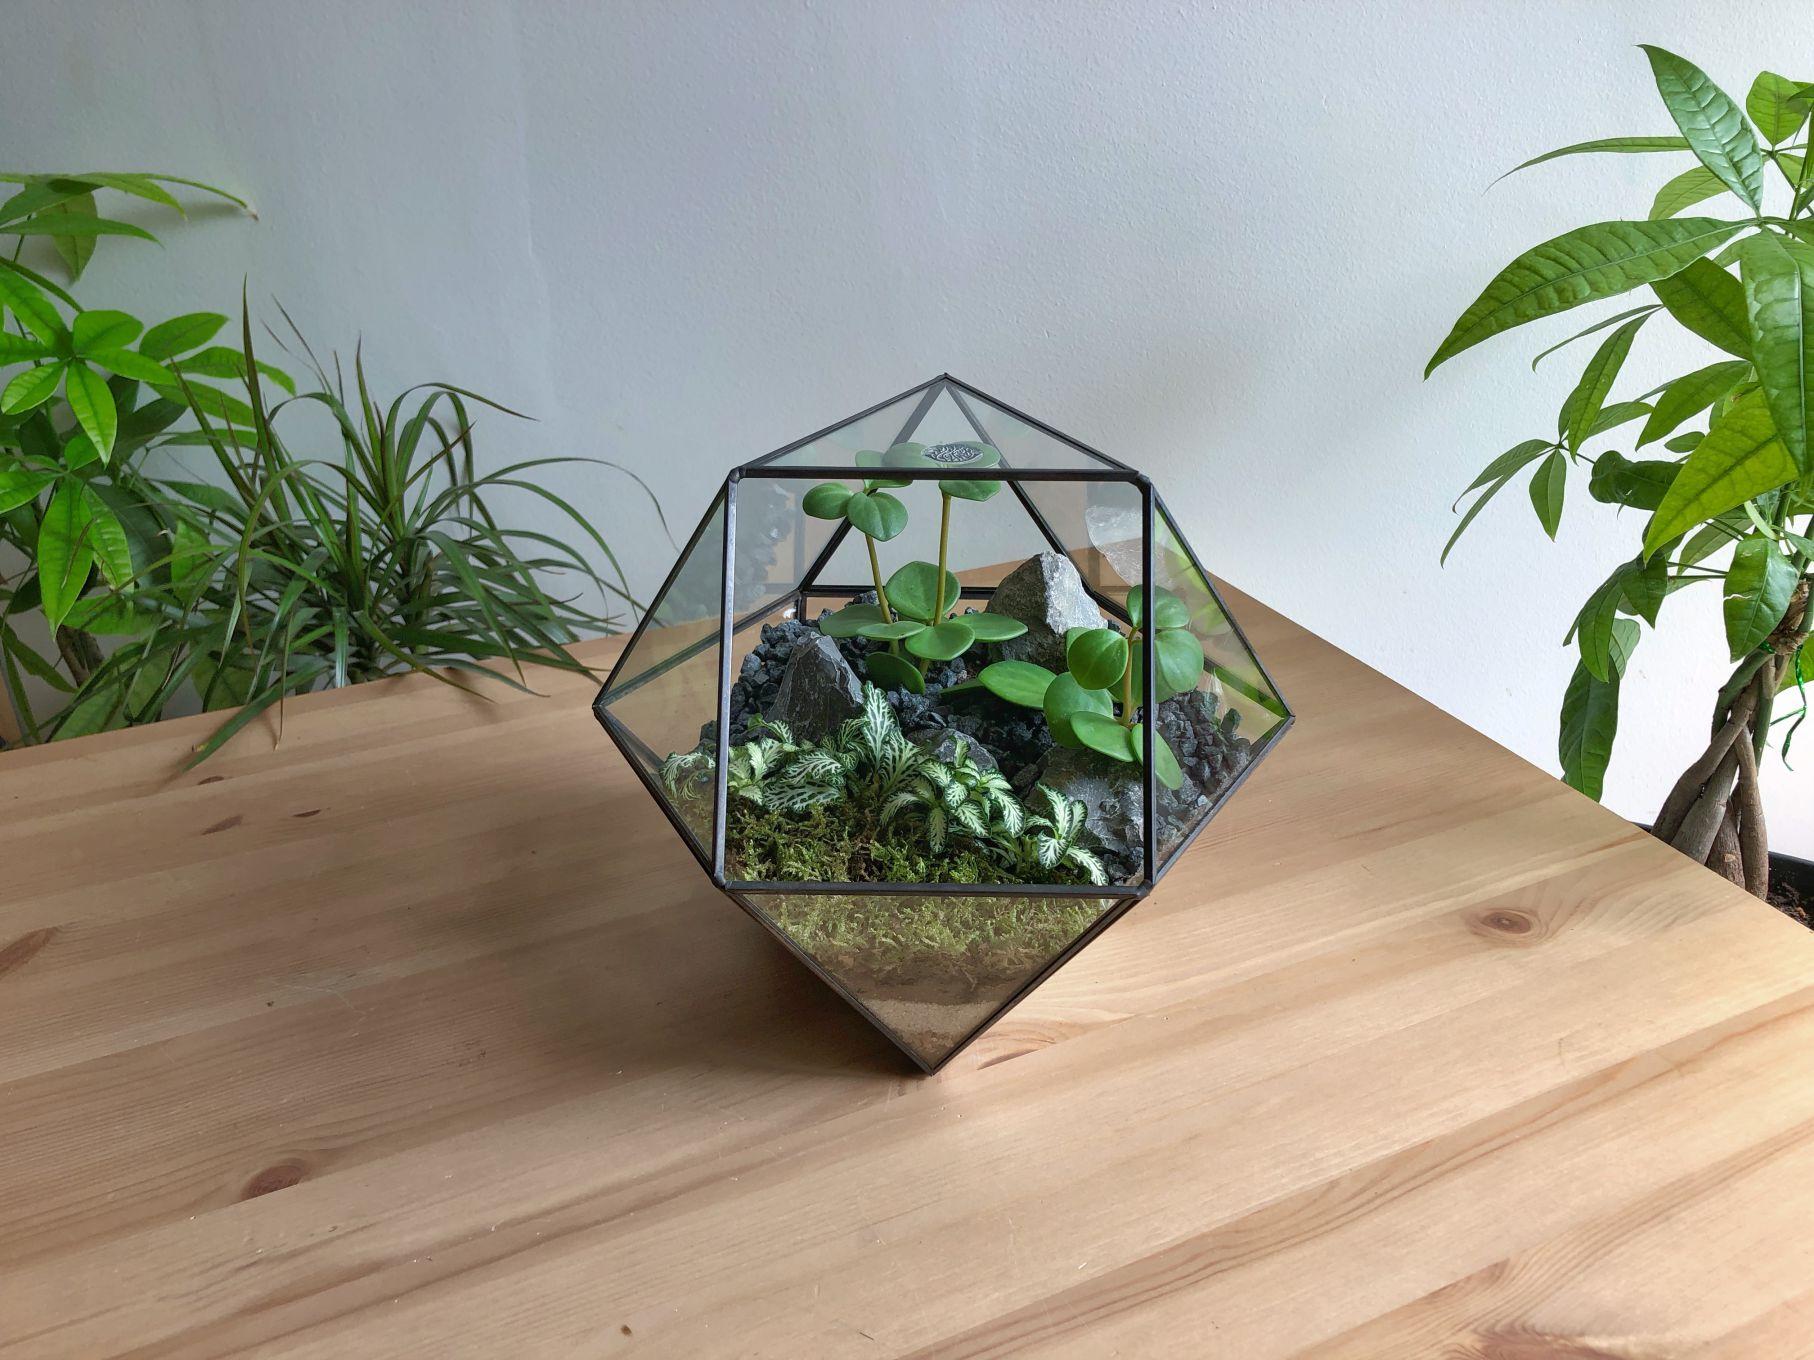 حوض زجاجي كروي مضلع أسود 'نباتات للمكاتب'